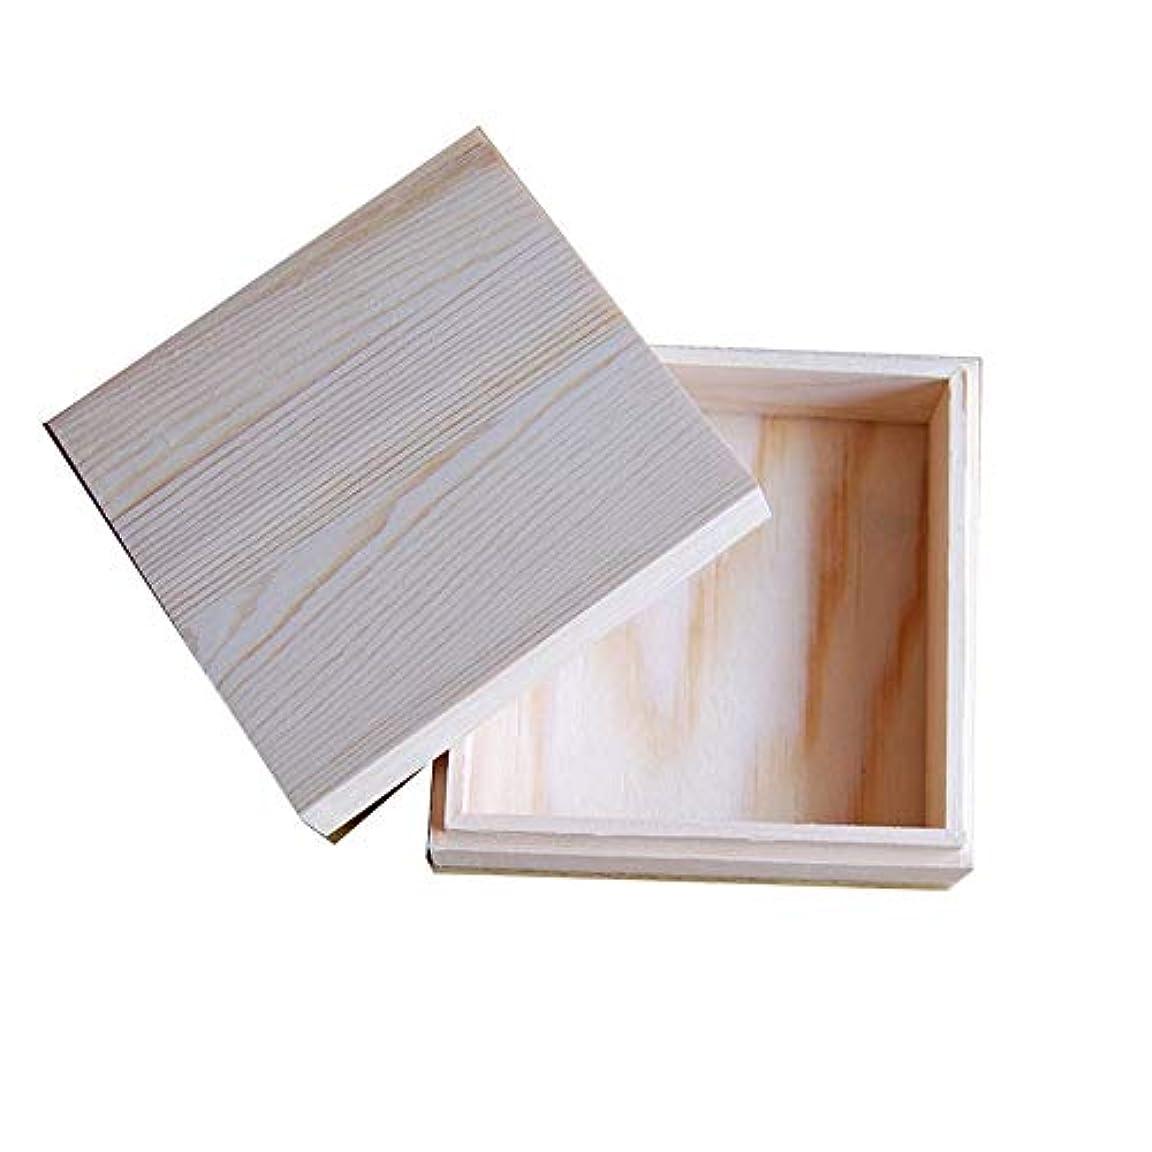 ピクニックをするサイレント同盟木製のエッセンシャルオイルストレージボックス安全に油を維持するためのベスト アロマセラピー製品 (色 : Natural, サイズ : 11.5X11.5X5CM)